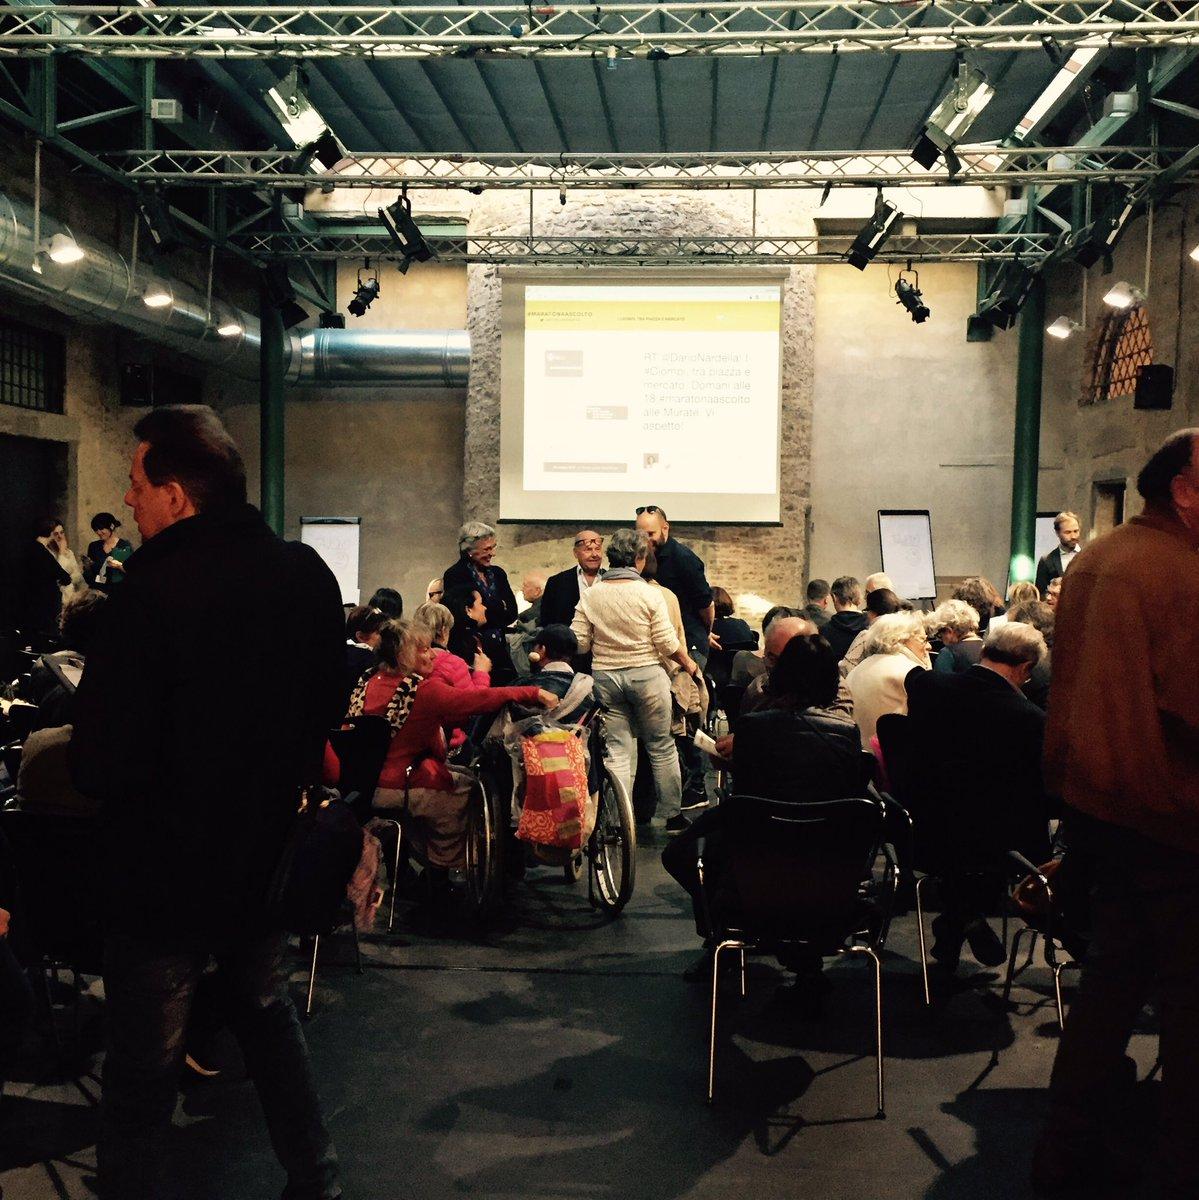 La sala che discuterà dei #ciompi si sta riempiendo. #maratonaascolto pronta per raccogliere le idee! https://t.co/WixvfzTUvI